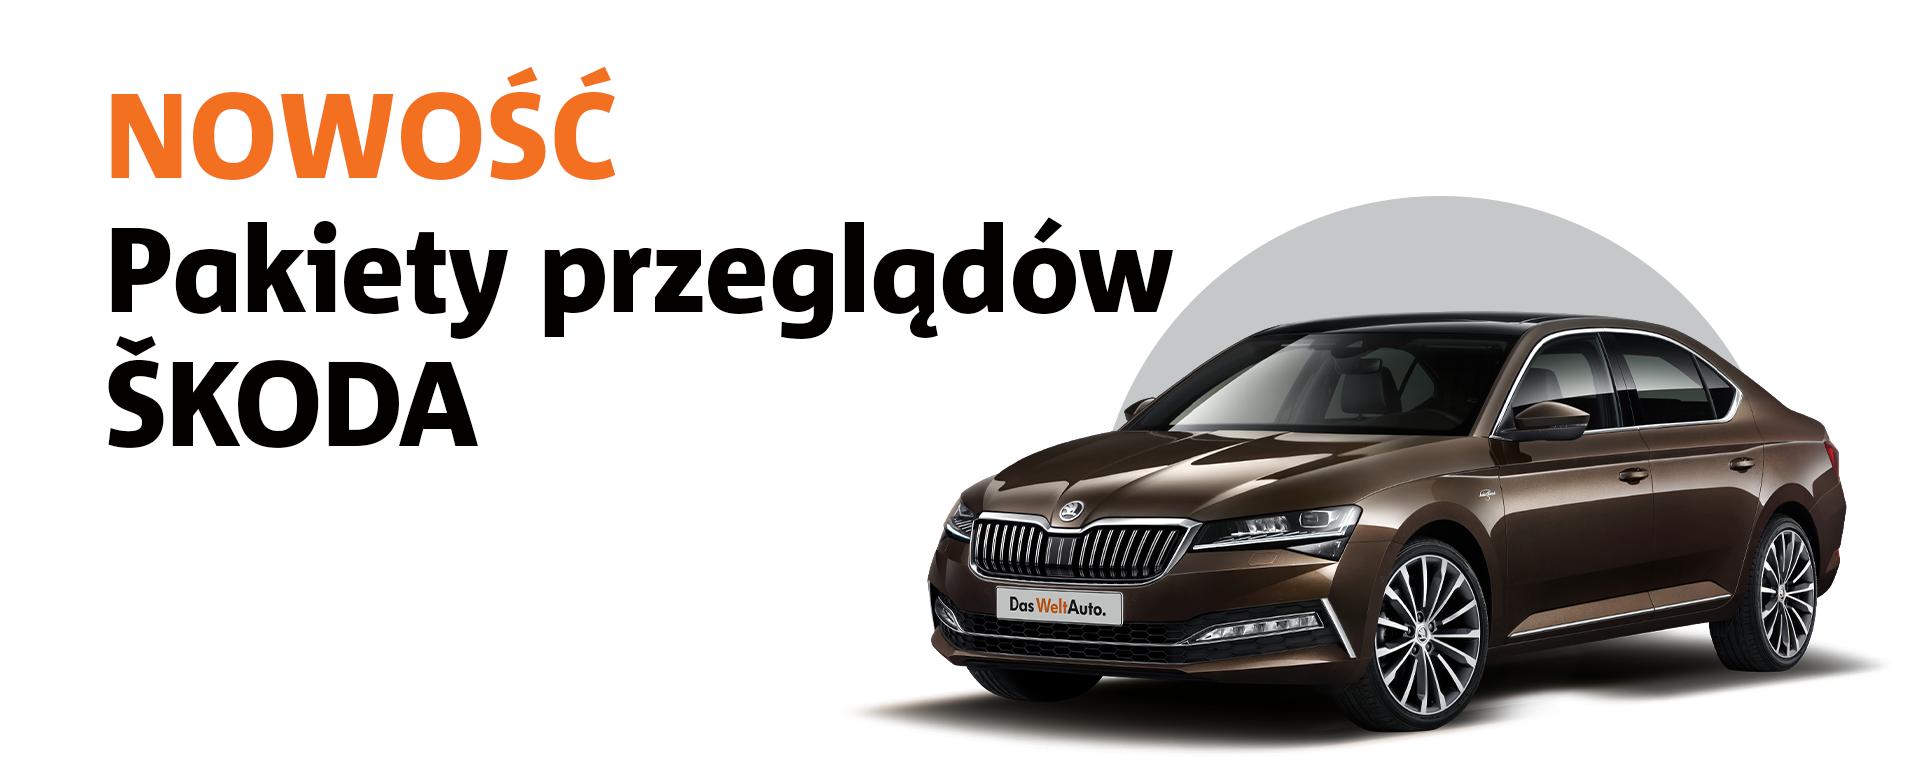 Promocja na Pakiety Przeglądów Volkswagen